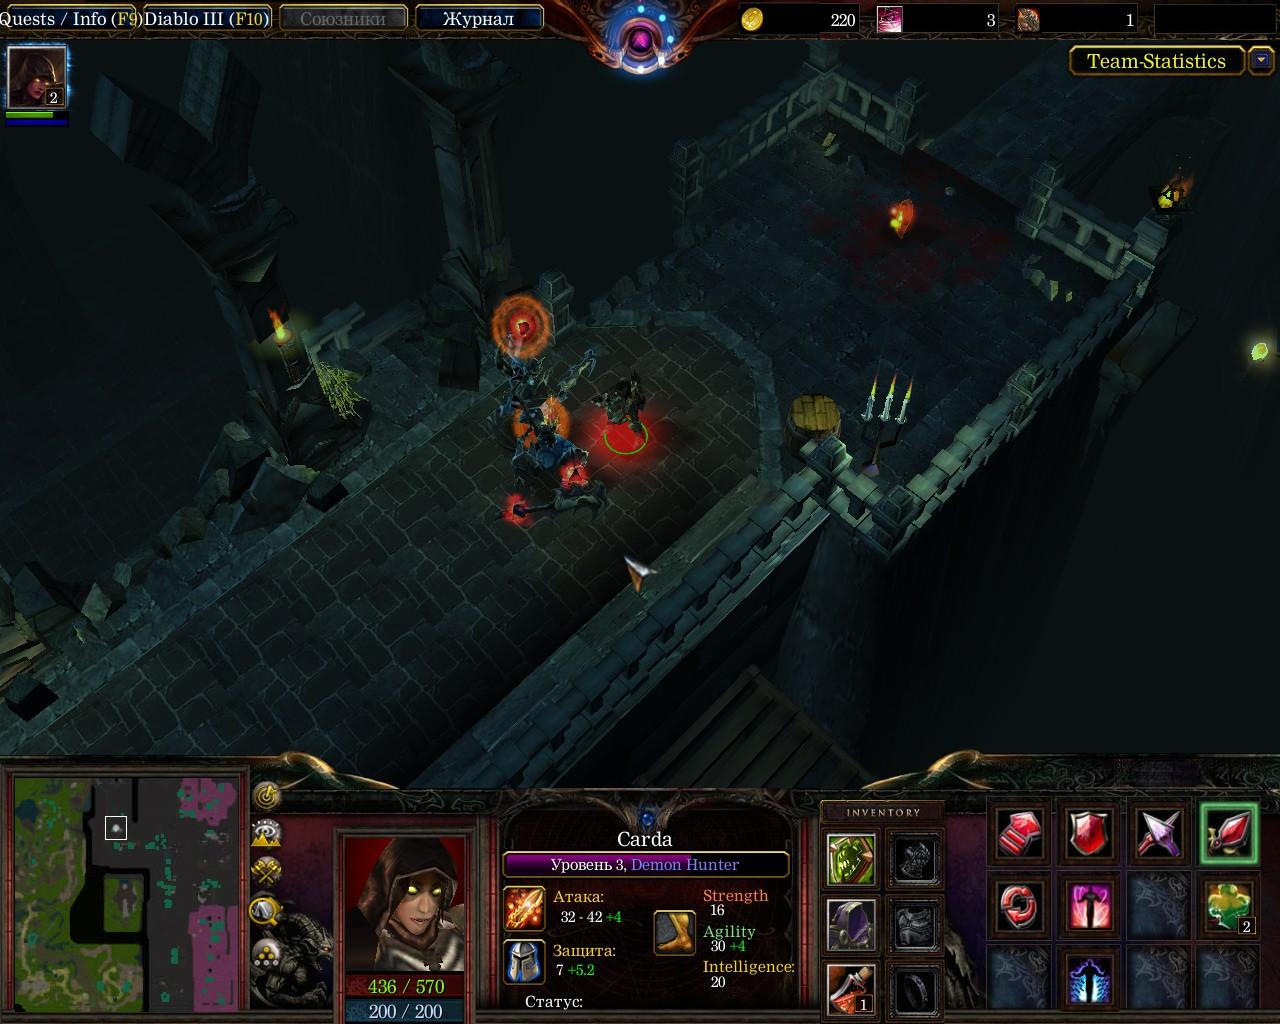 Скачать Warcraft 3 TFT Diablo III: New Tristram/Карта для WarCr